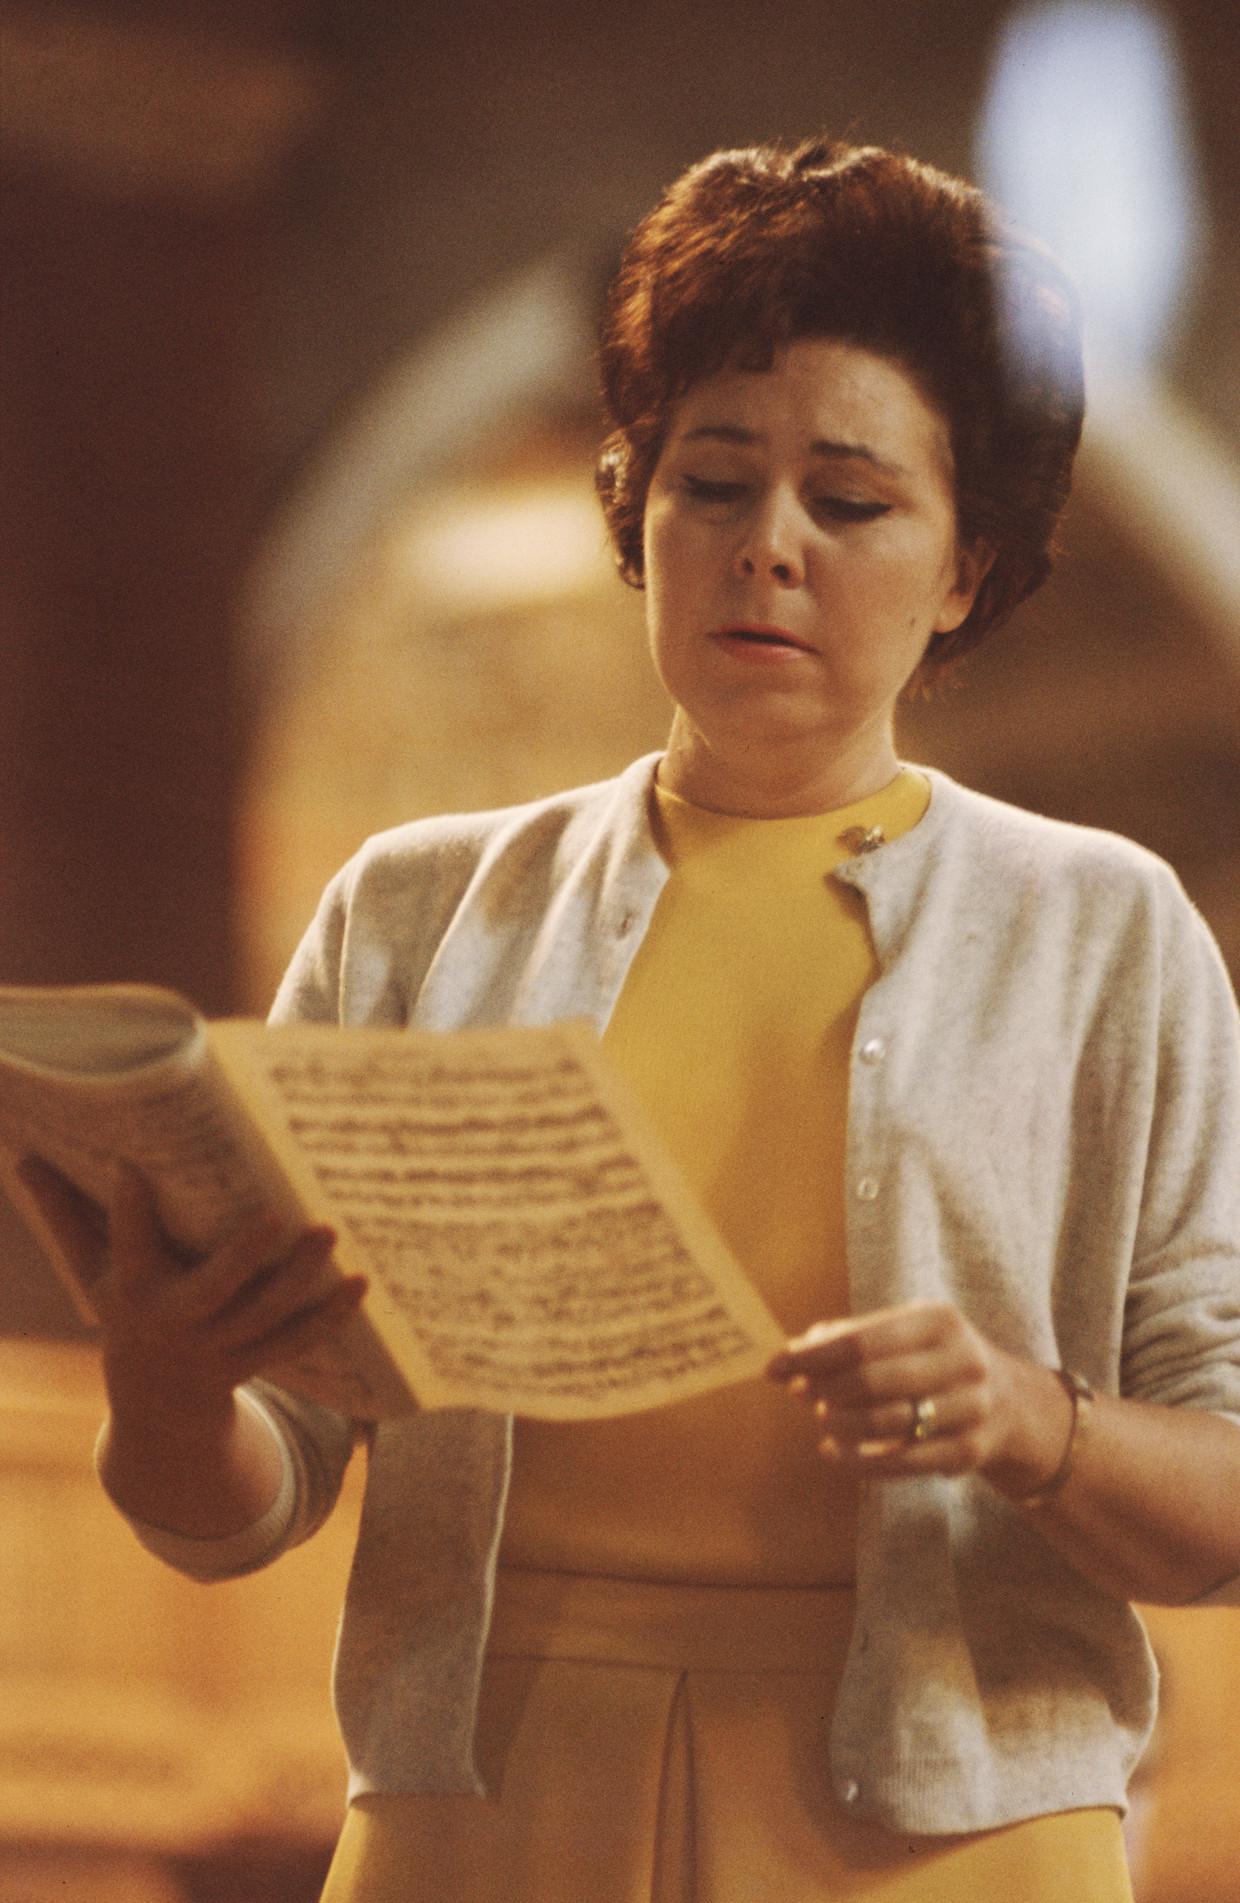 De Duitse mezzosopraan Christa Ludwig, aan het repeteren circa 1965. Beeld Getty